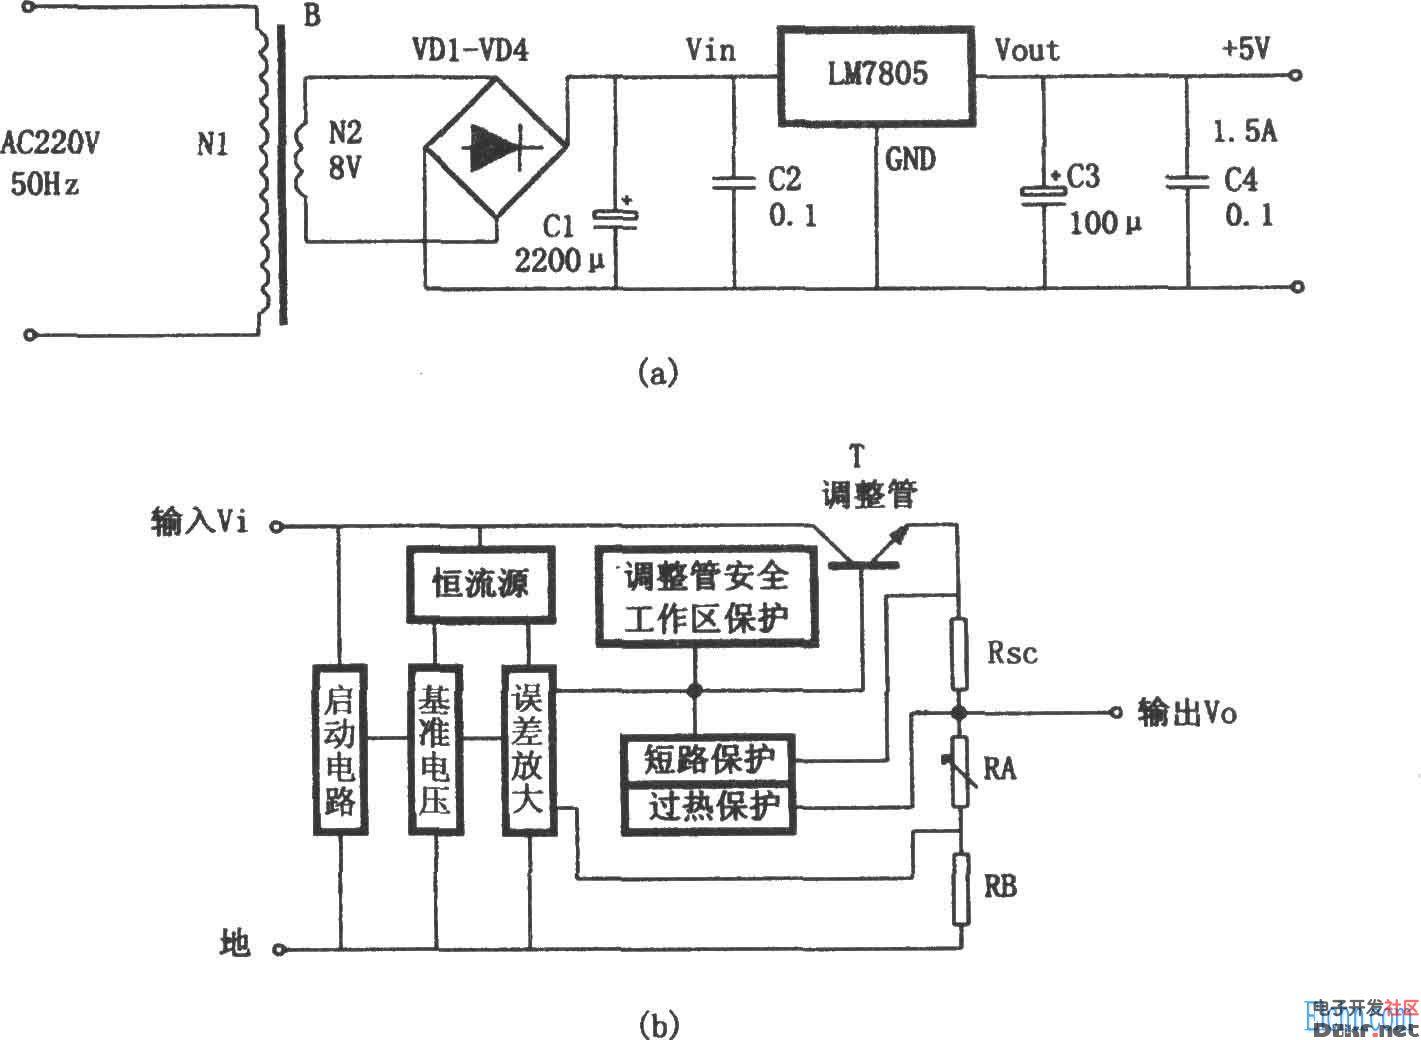 lm7805构成的+5v稳压电源_原理图论坛_单片机电路论坛